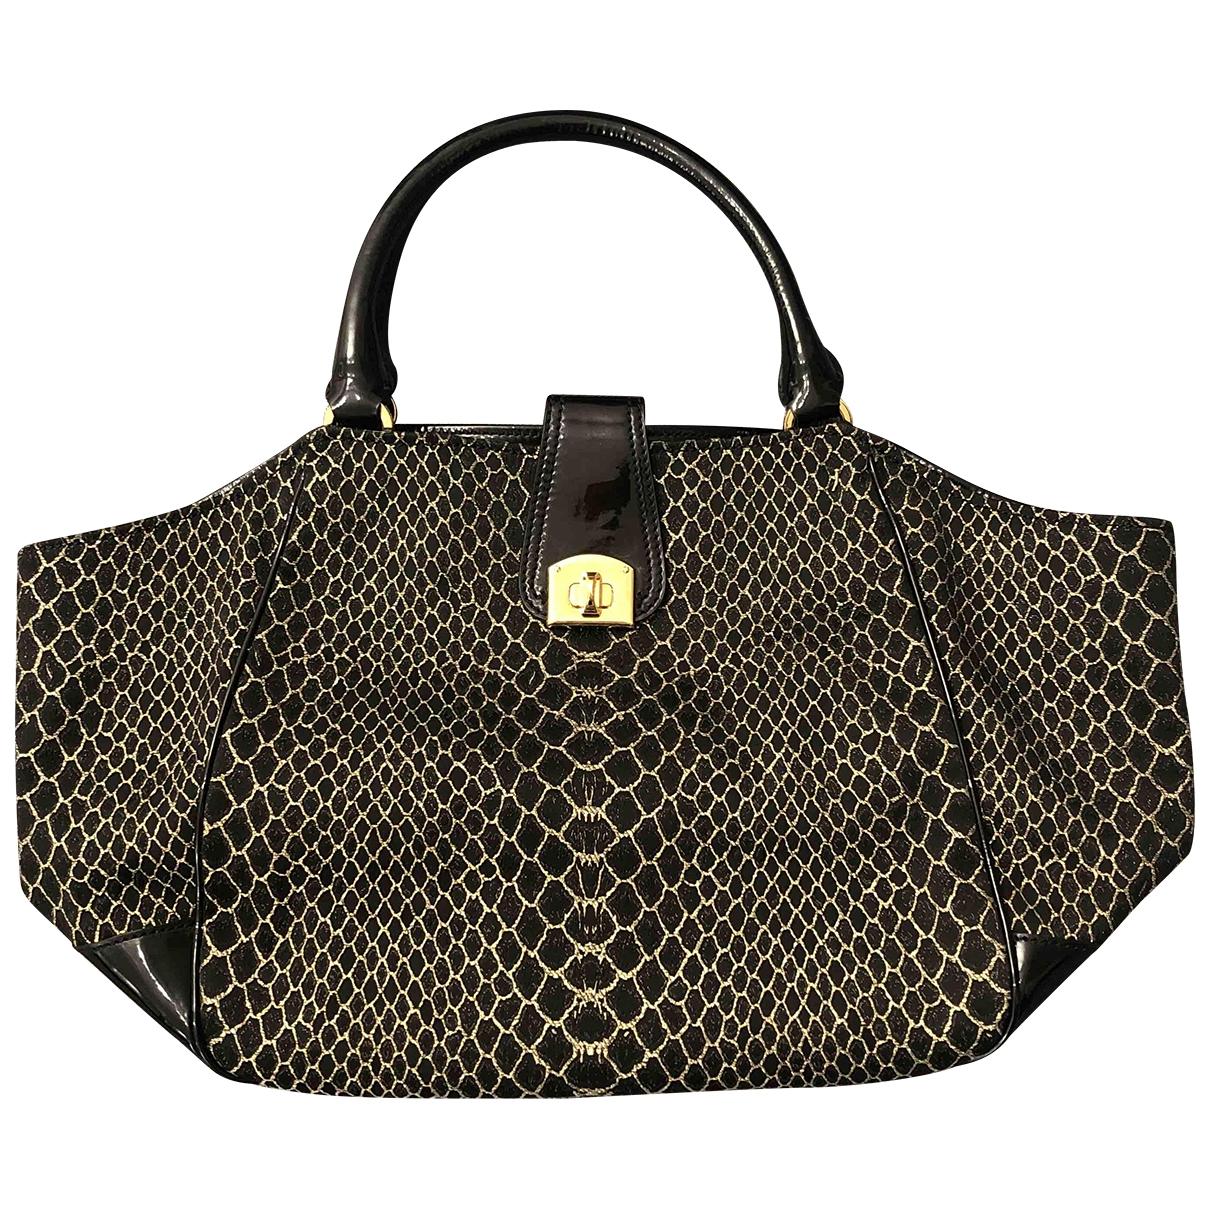 Sergio Rossi \N Handtasche in  Schwarz Lackleder